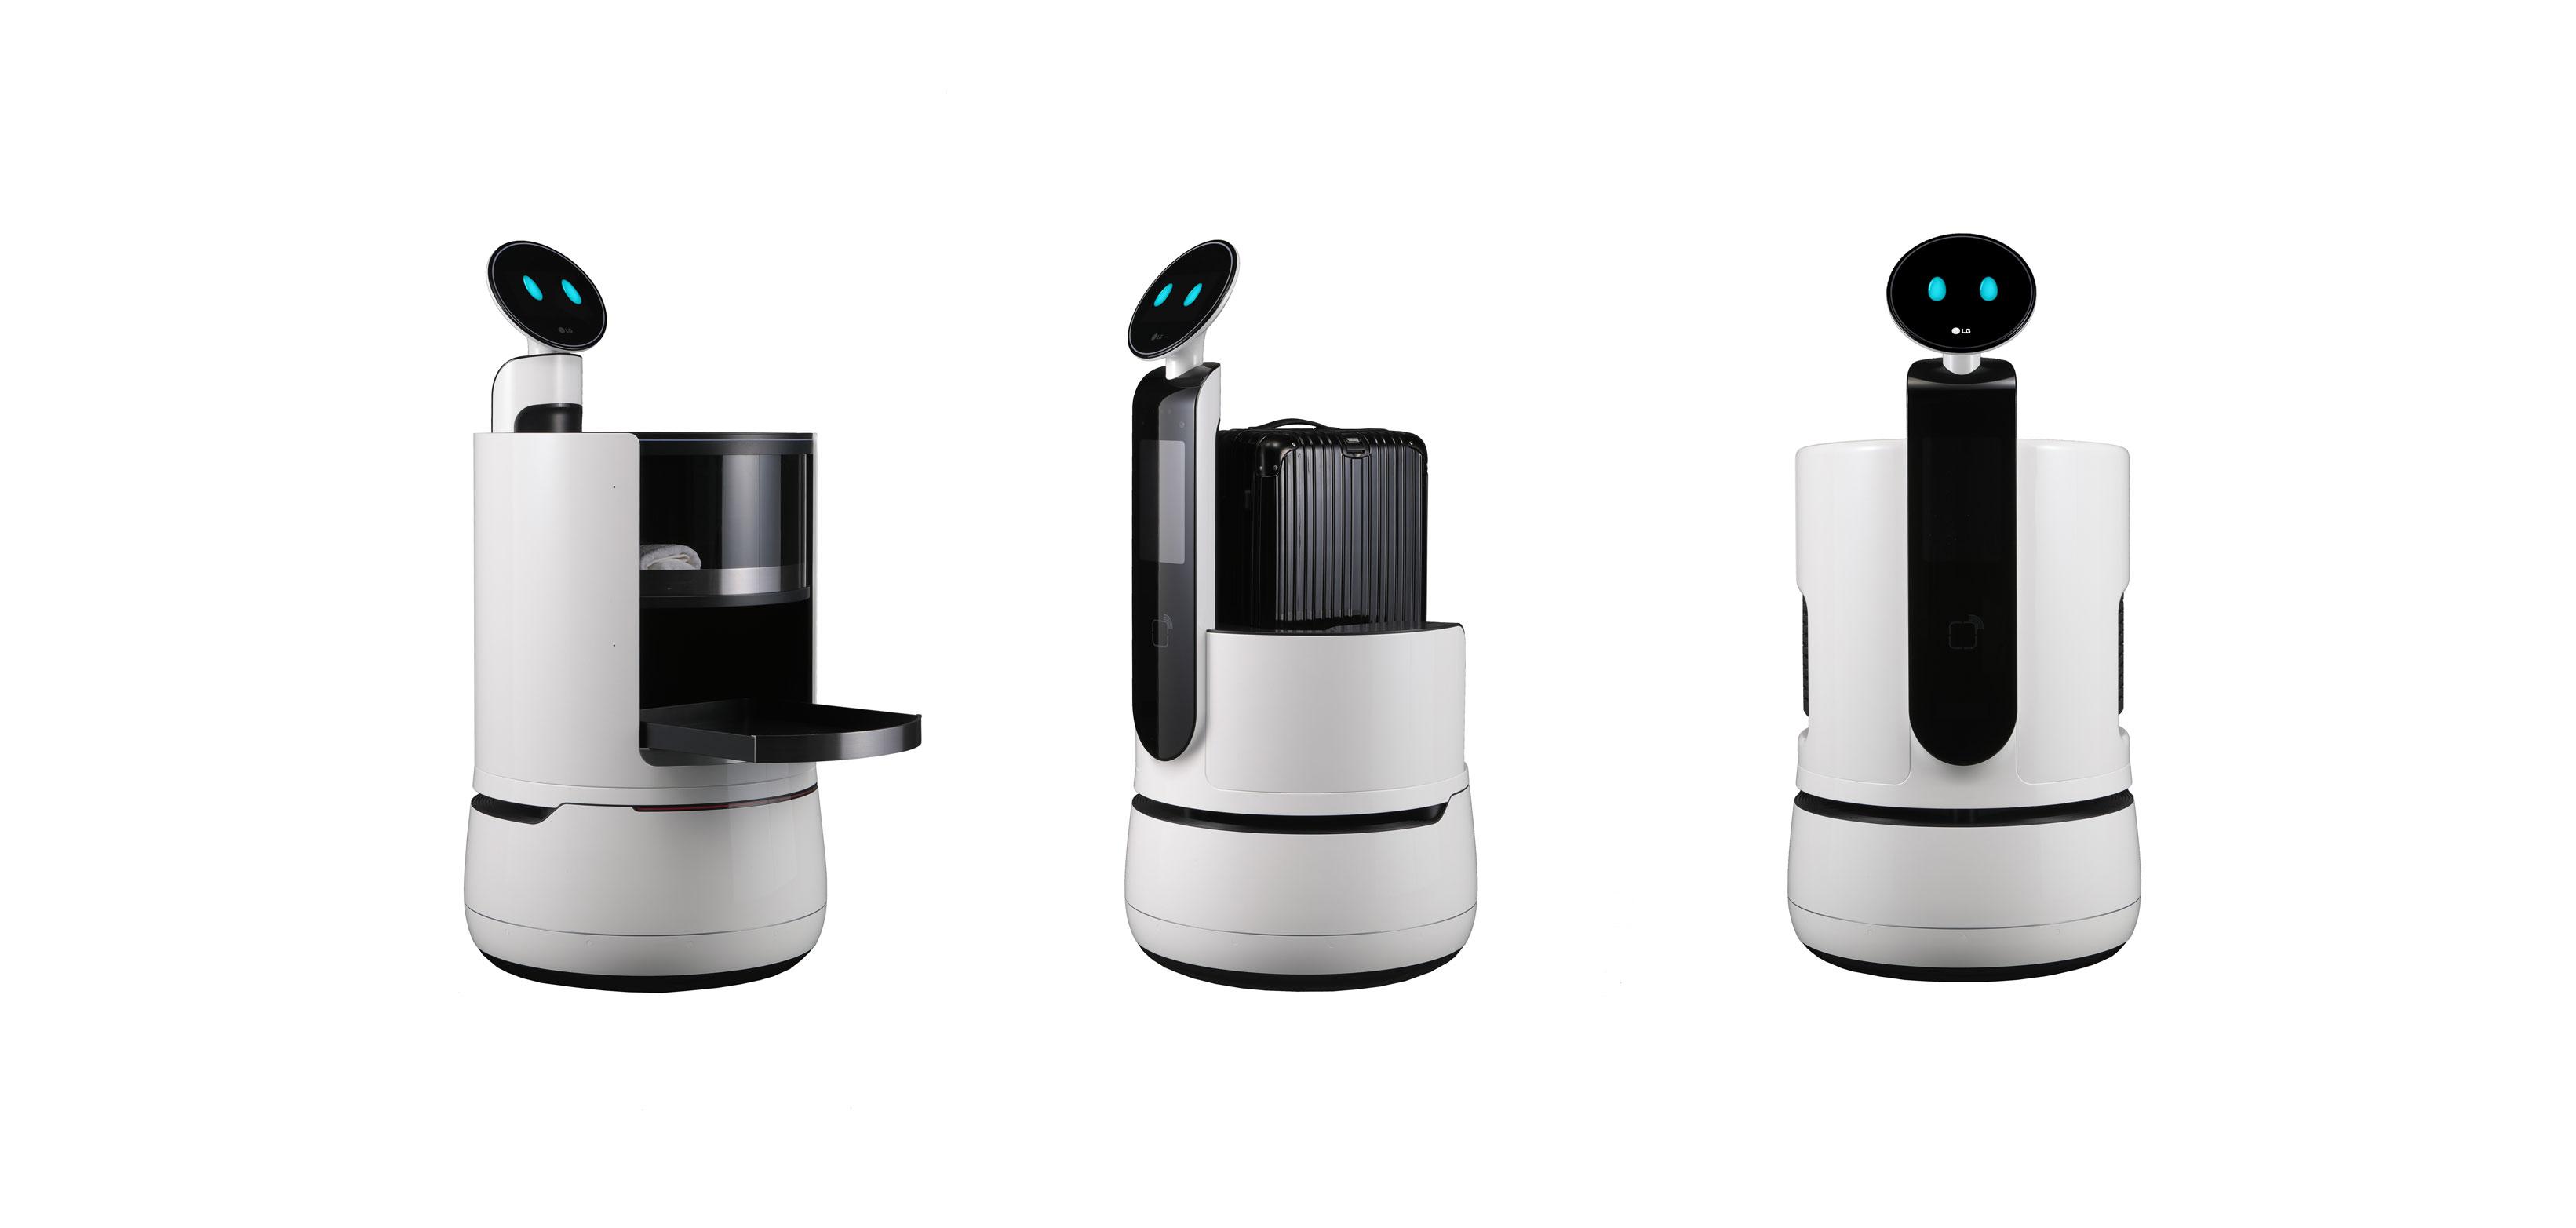 New-Concept-Robots